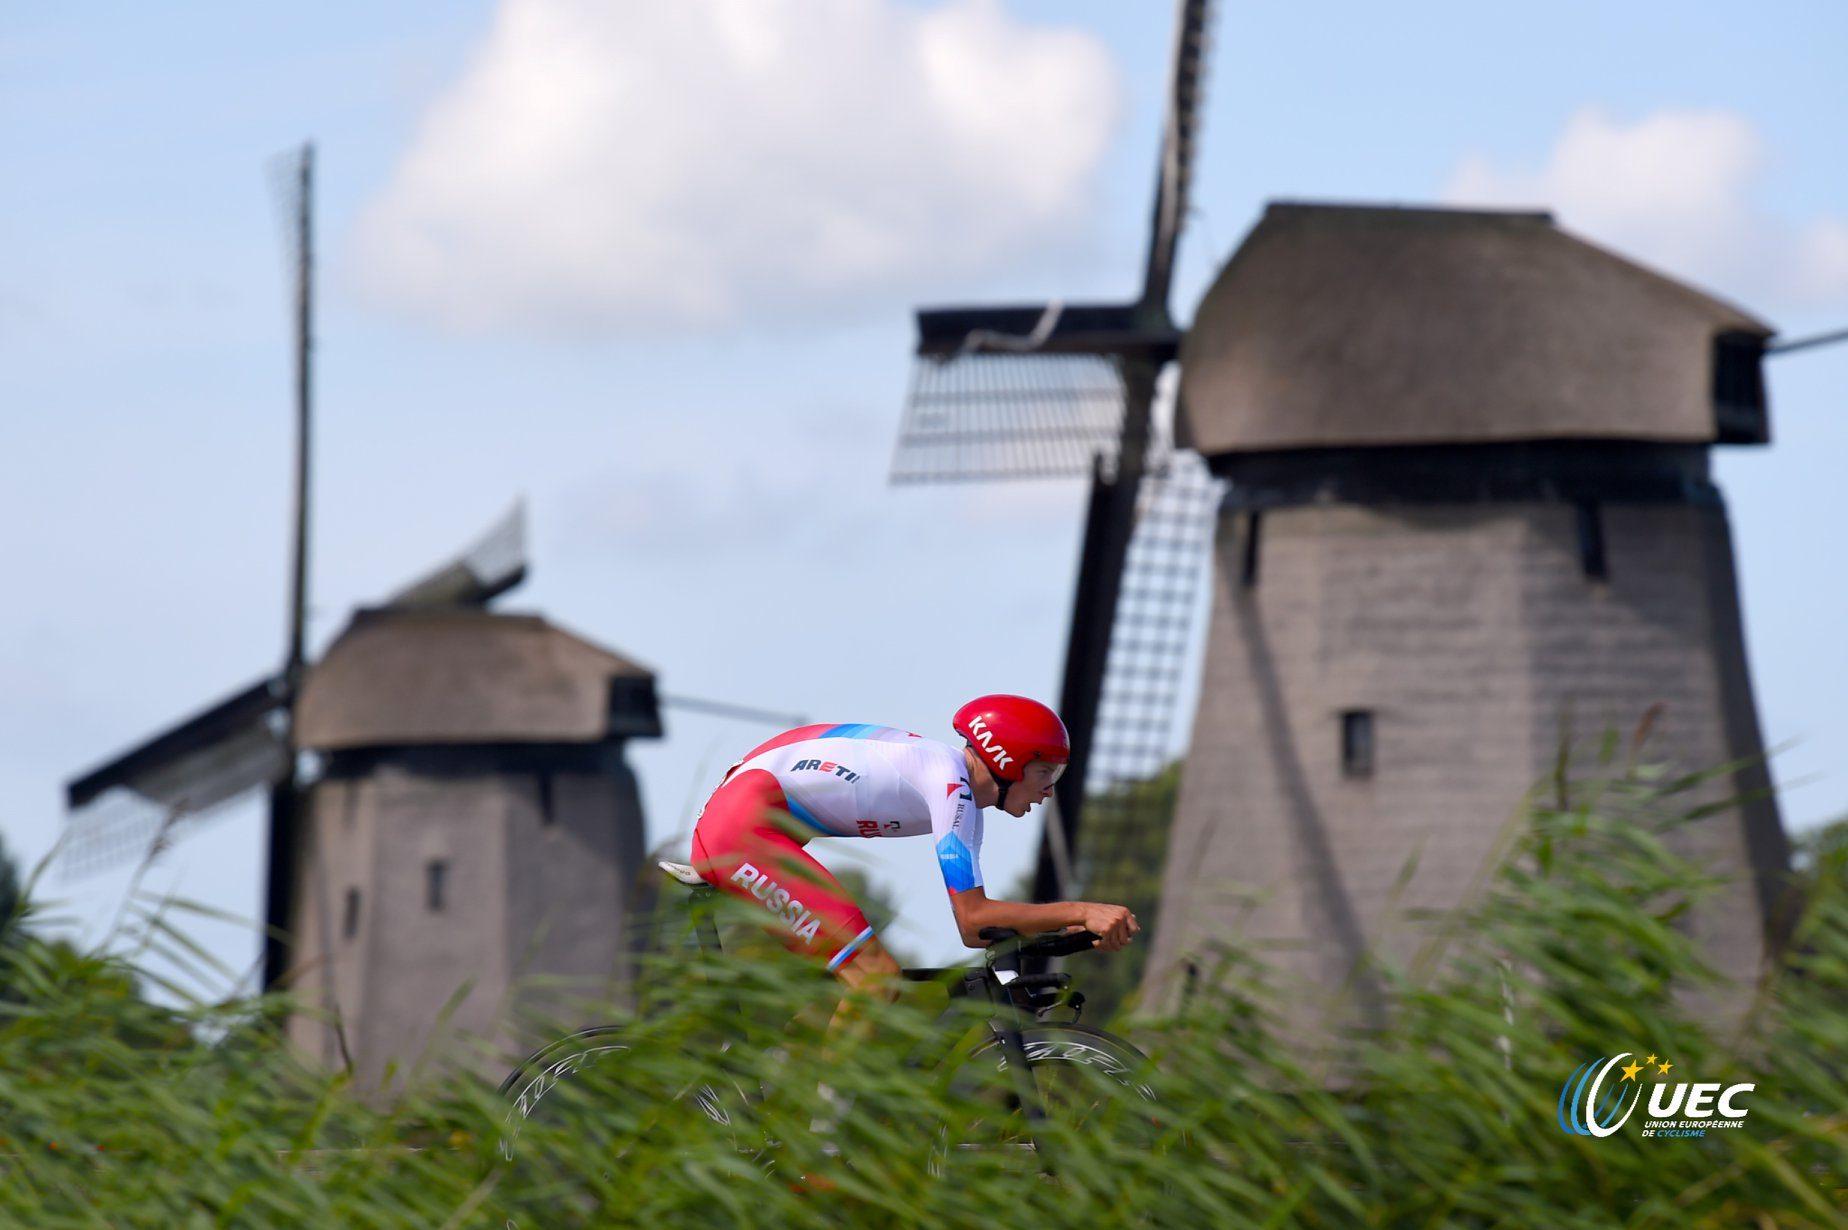 Фото со второго дня чемпионата Европы по велоспорту